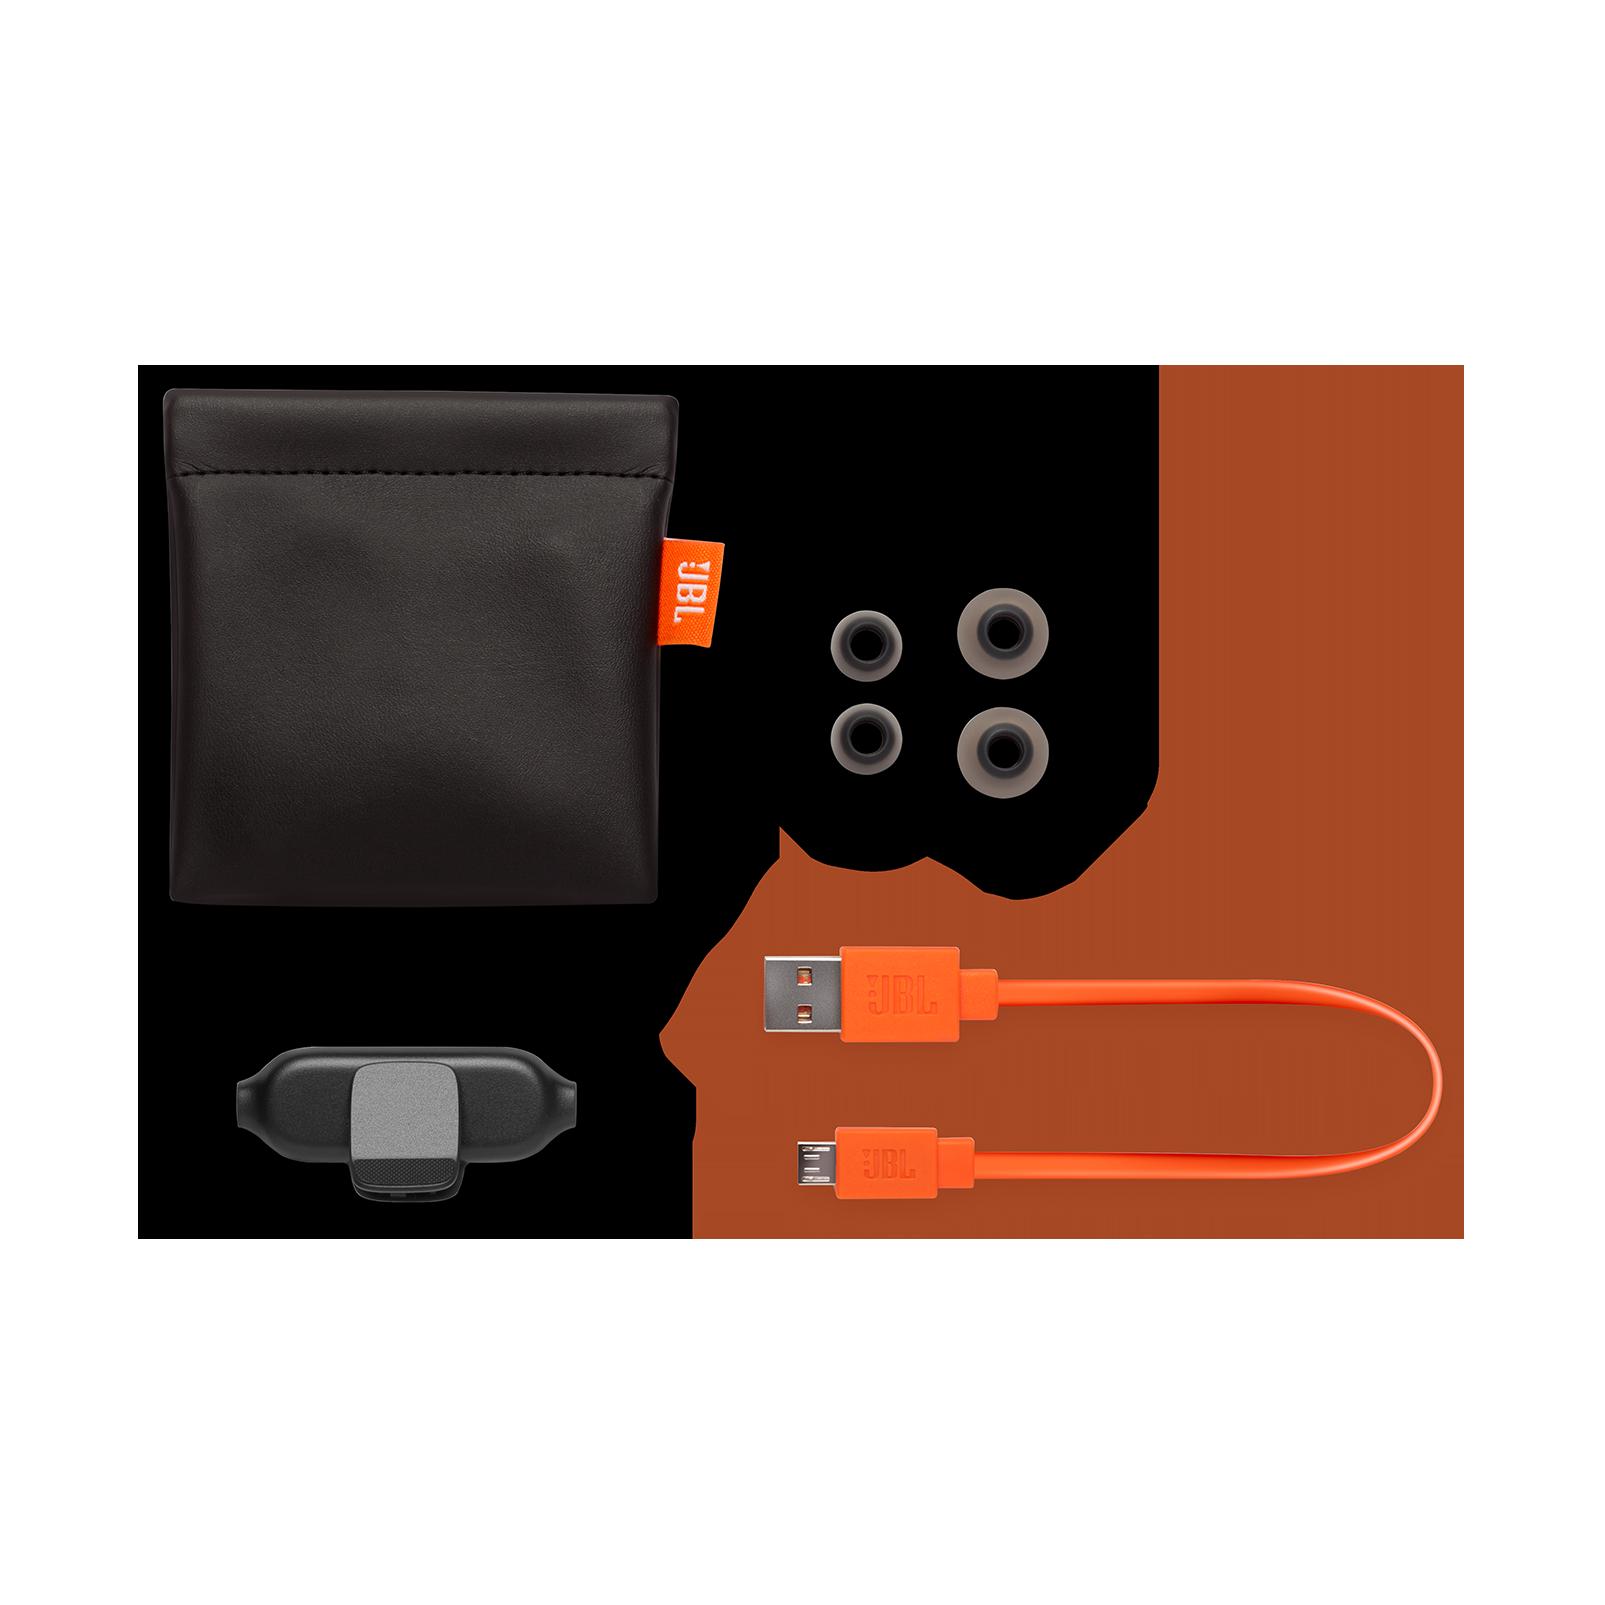 E25BT - Black - Wireless in-ear headphones - Detailshot 4